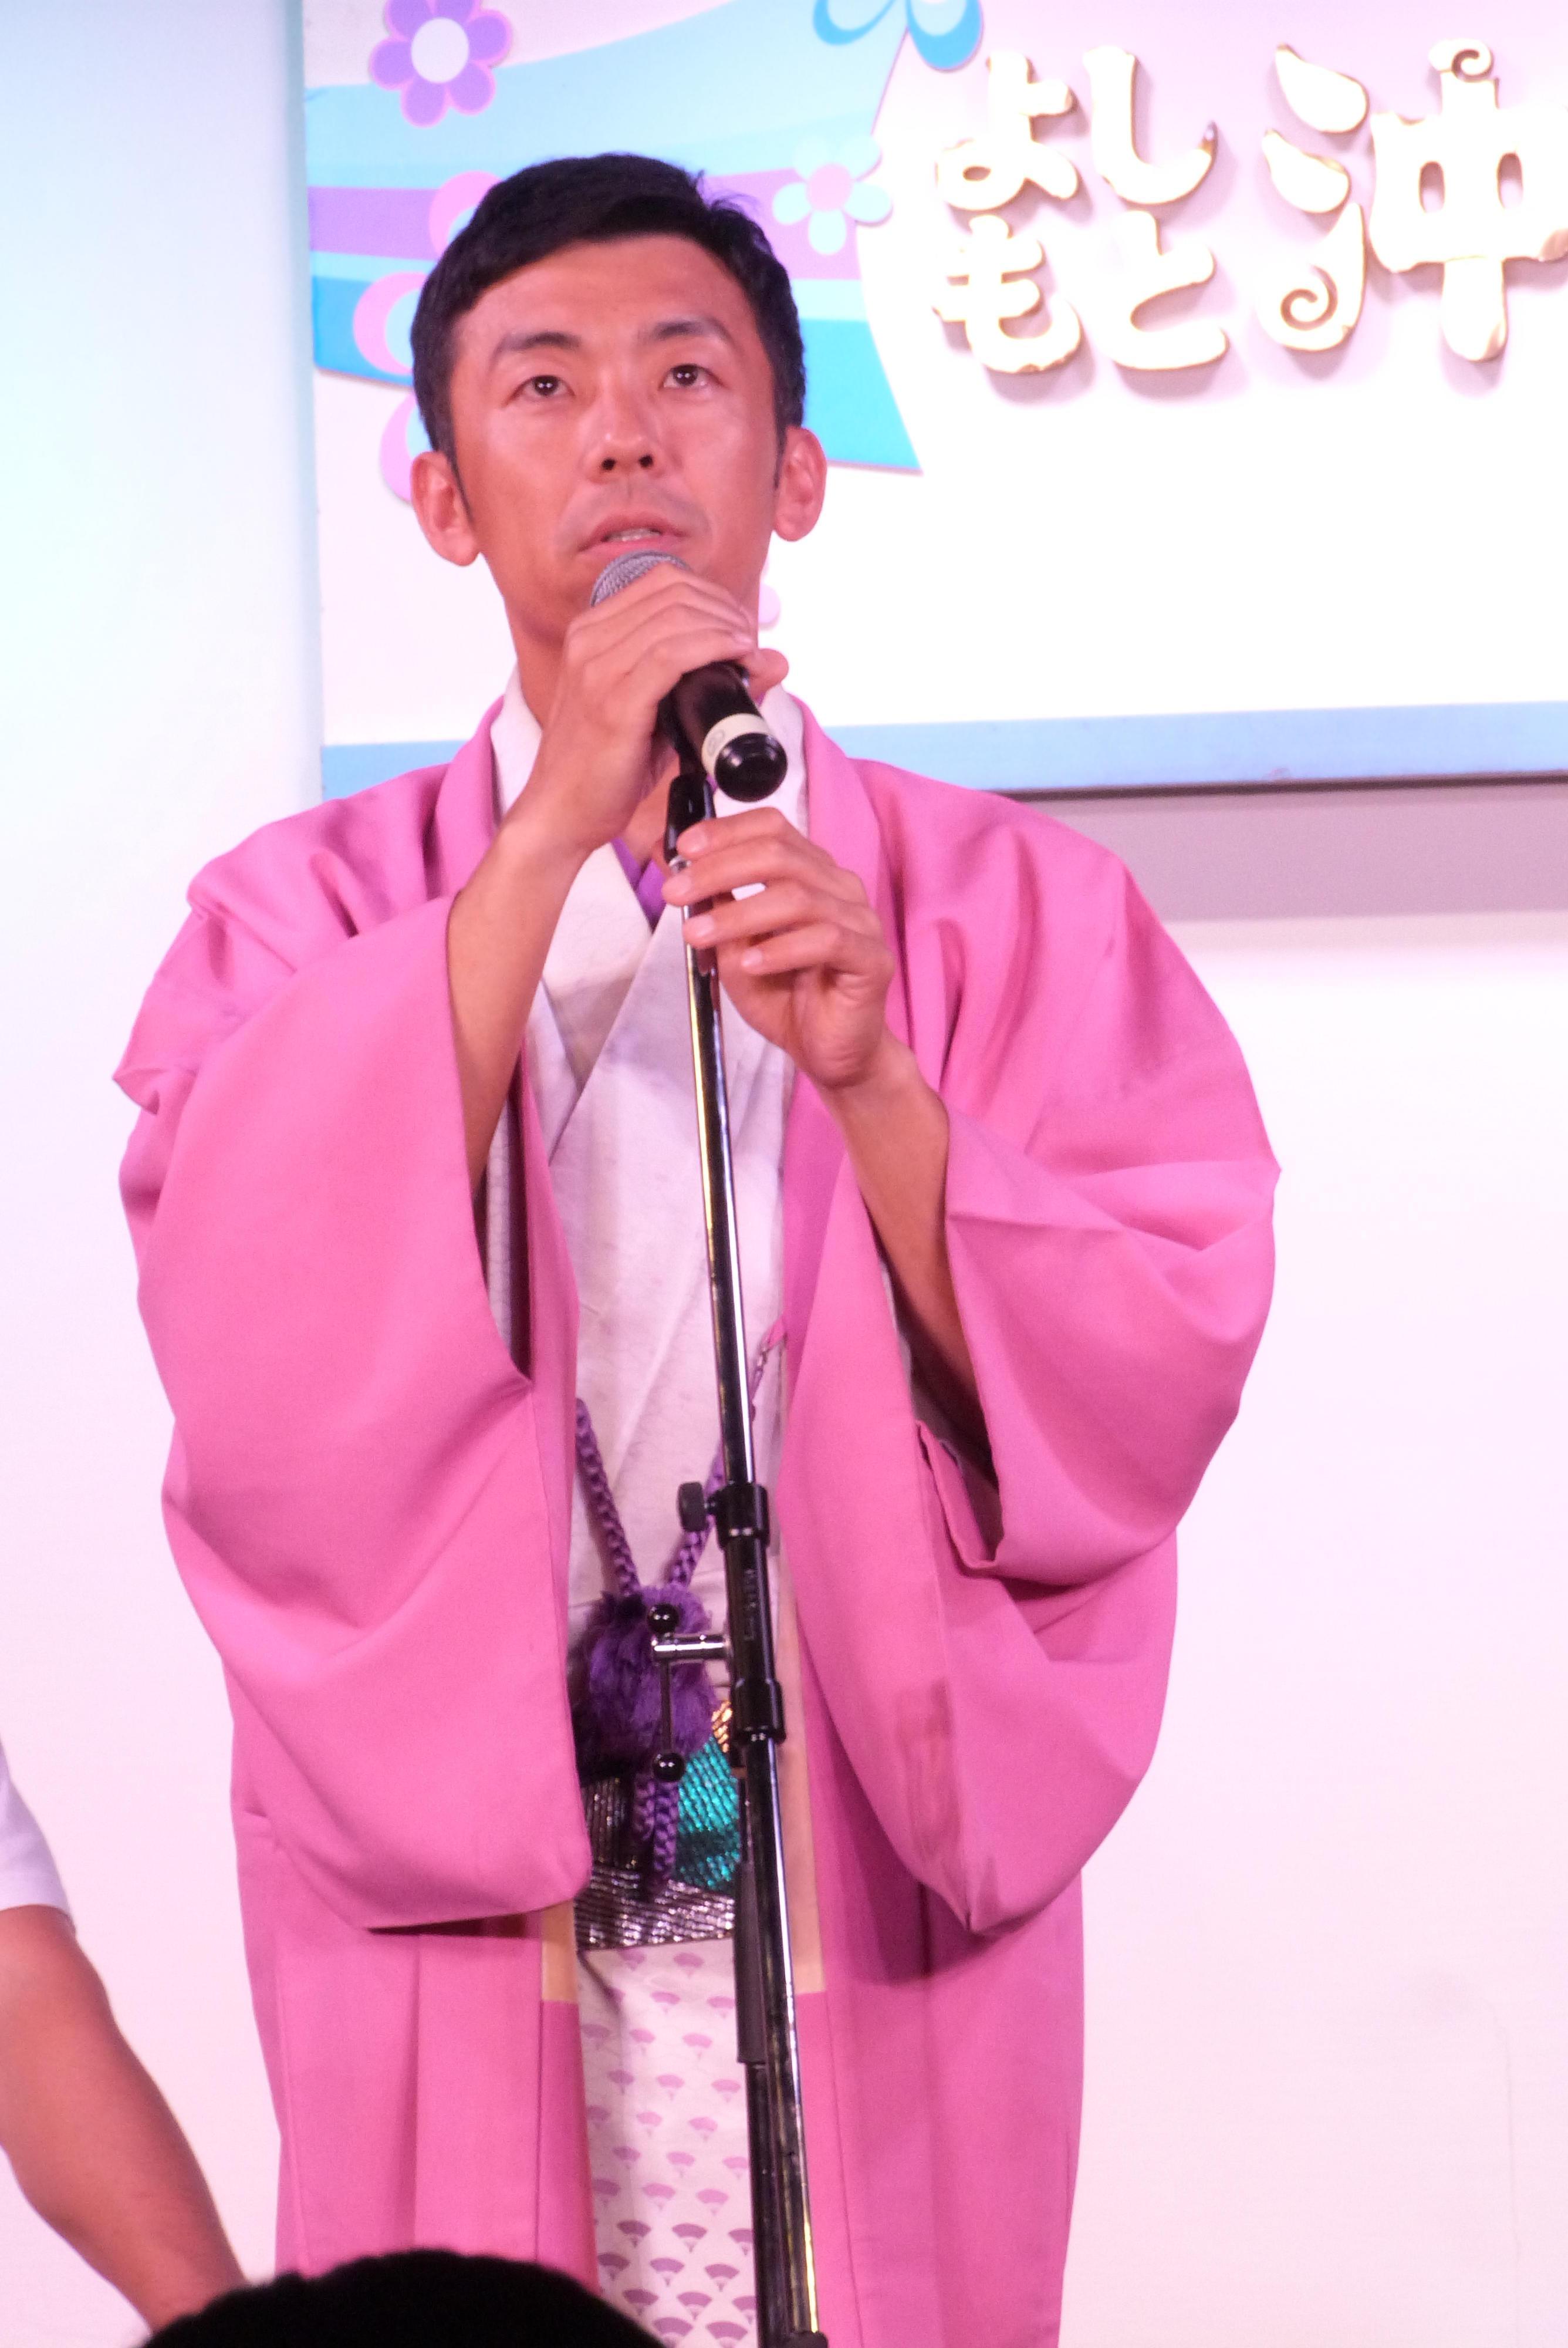 http://news.yoshimoto.co.jp/20180824193733-2cc3cdeb8f98a0f9b64dd3f8cffbc97e538c8e2d.jpg